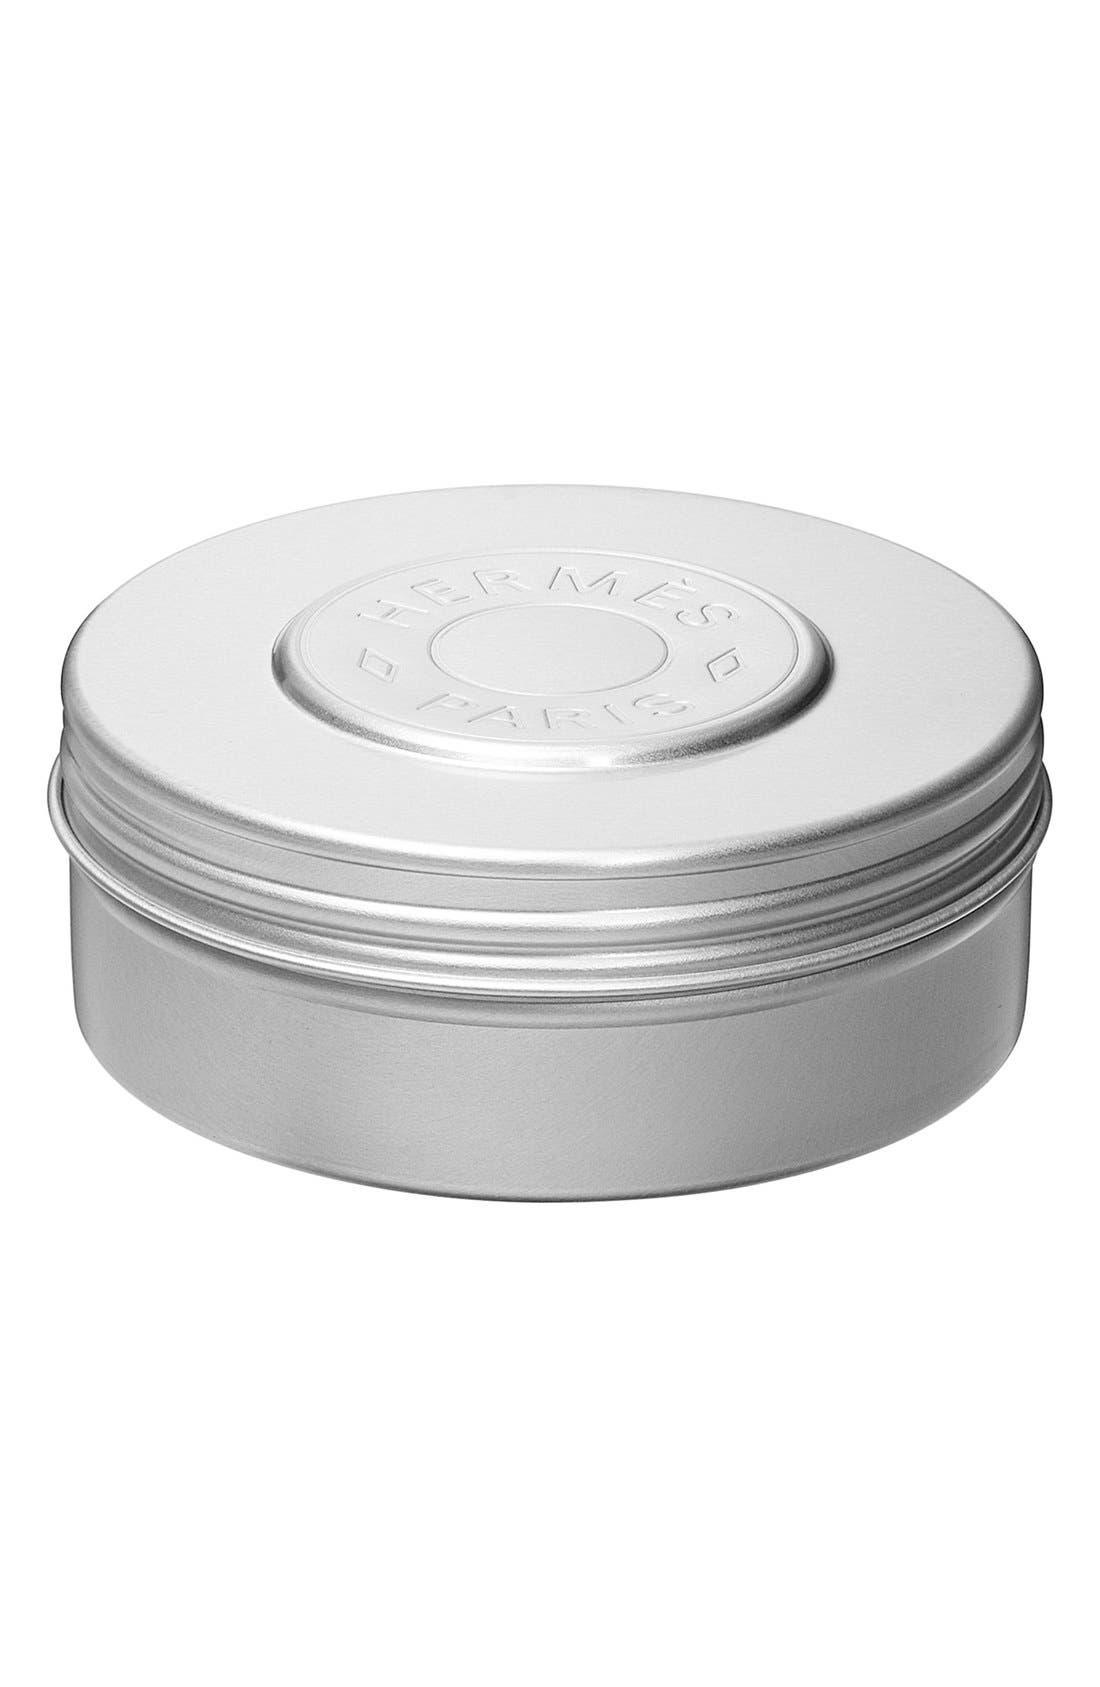 Eau de Rhubarbe Écarlate - Face and body moisturizing balm, Main, color, 000